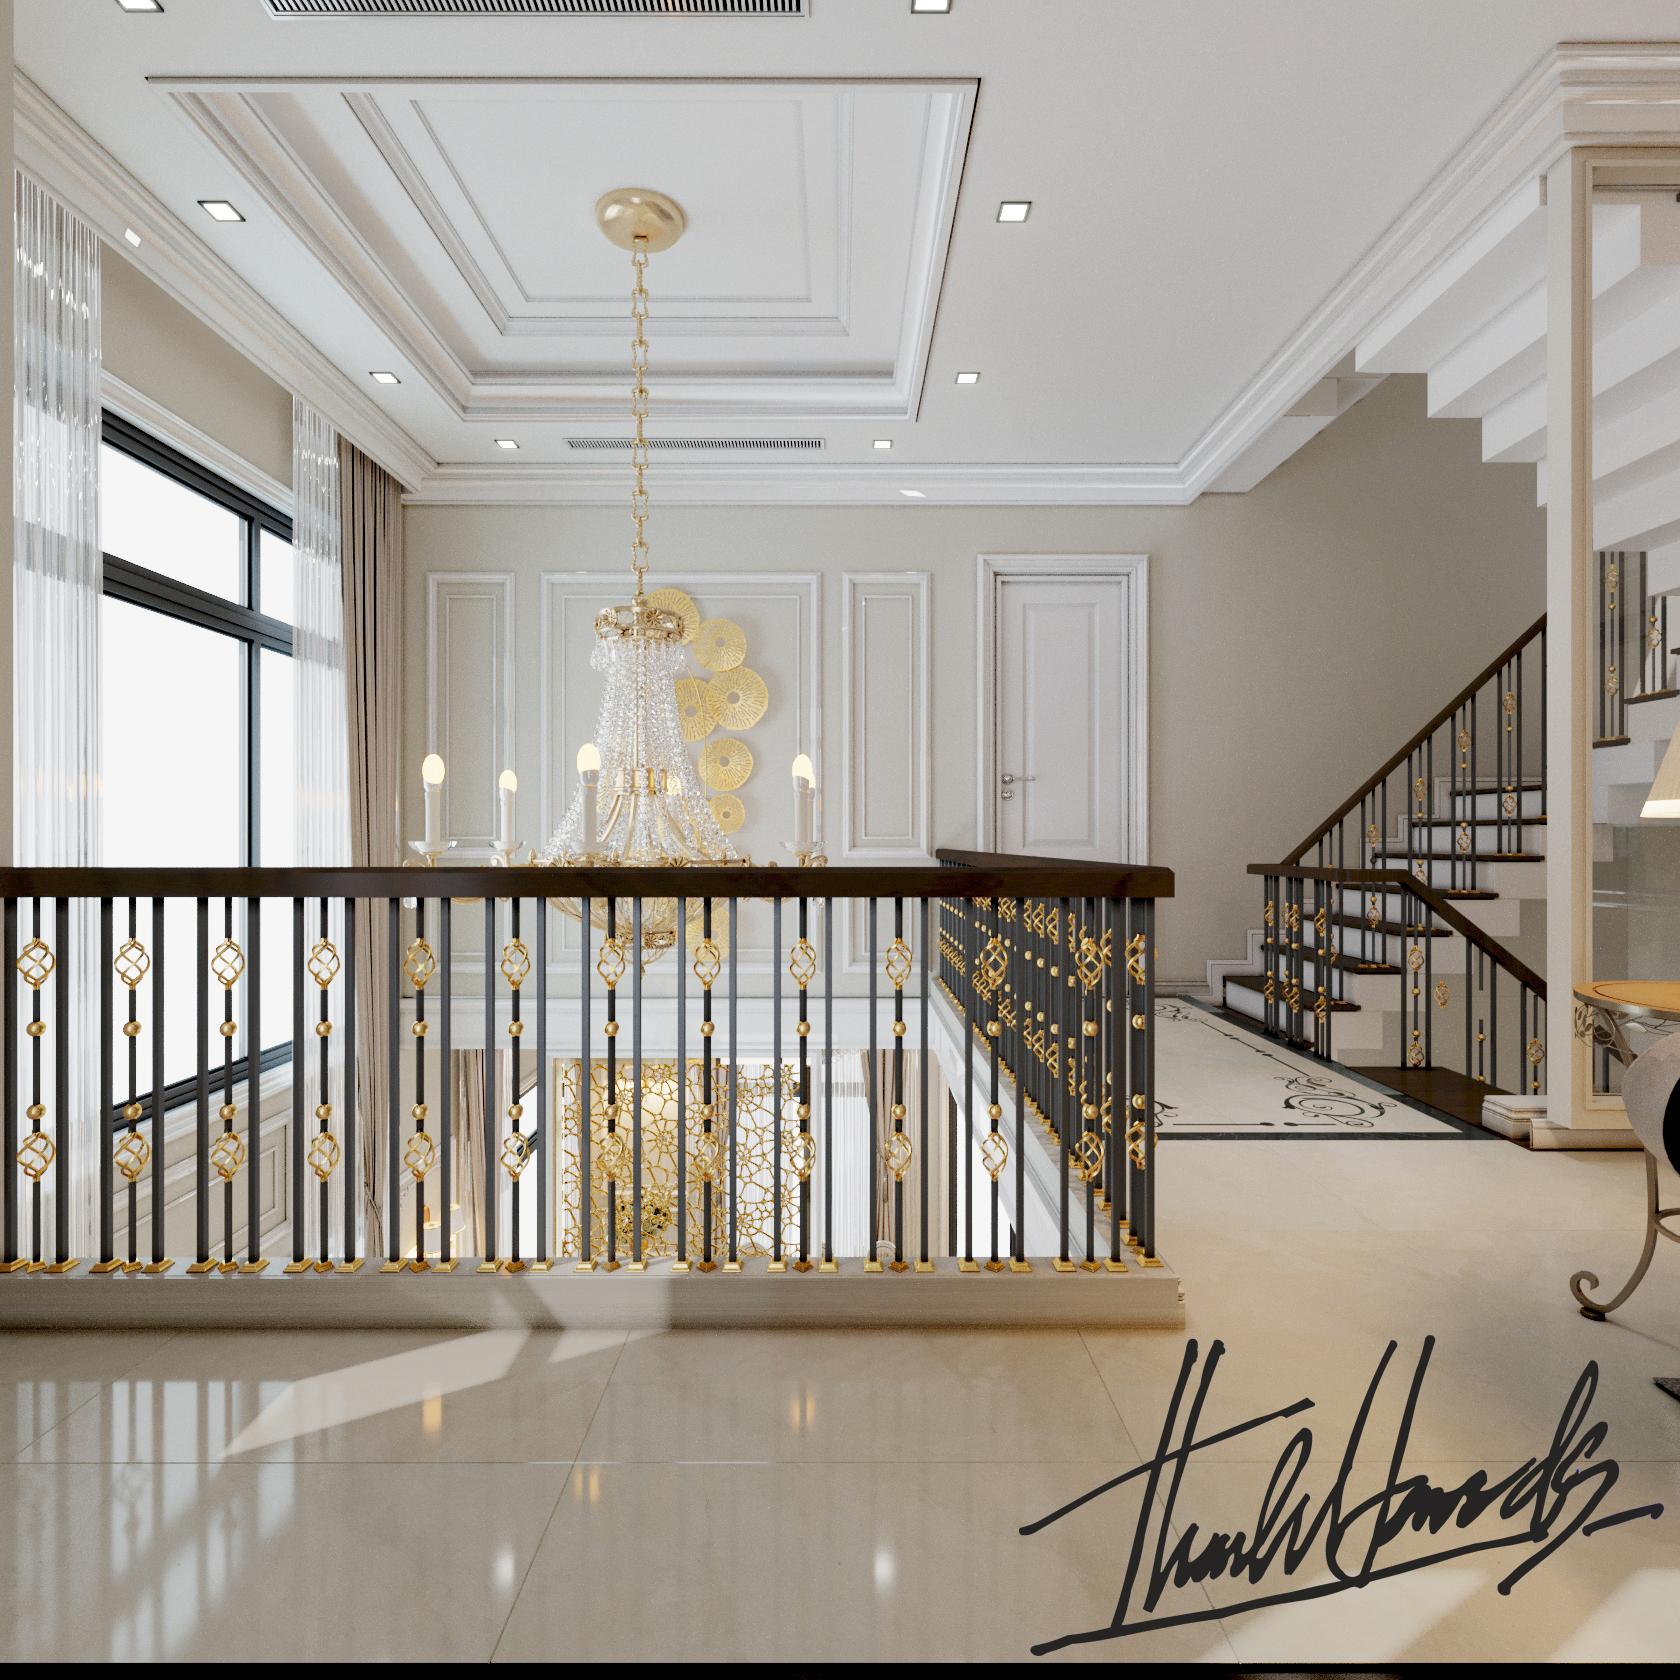 thiết kế nội thất Biệt Thự tại Hải Phòng Biệt thự Vinhomes - imperia ( khu MHT) 25 1568275635